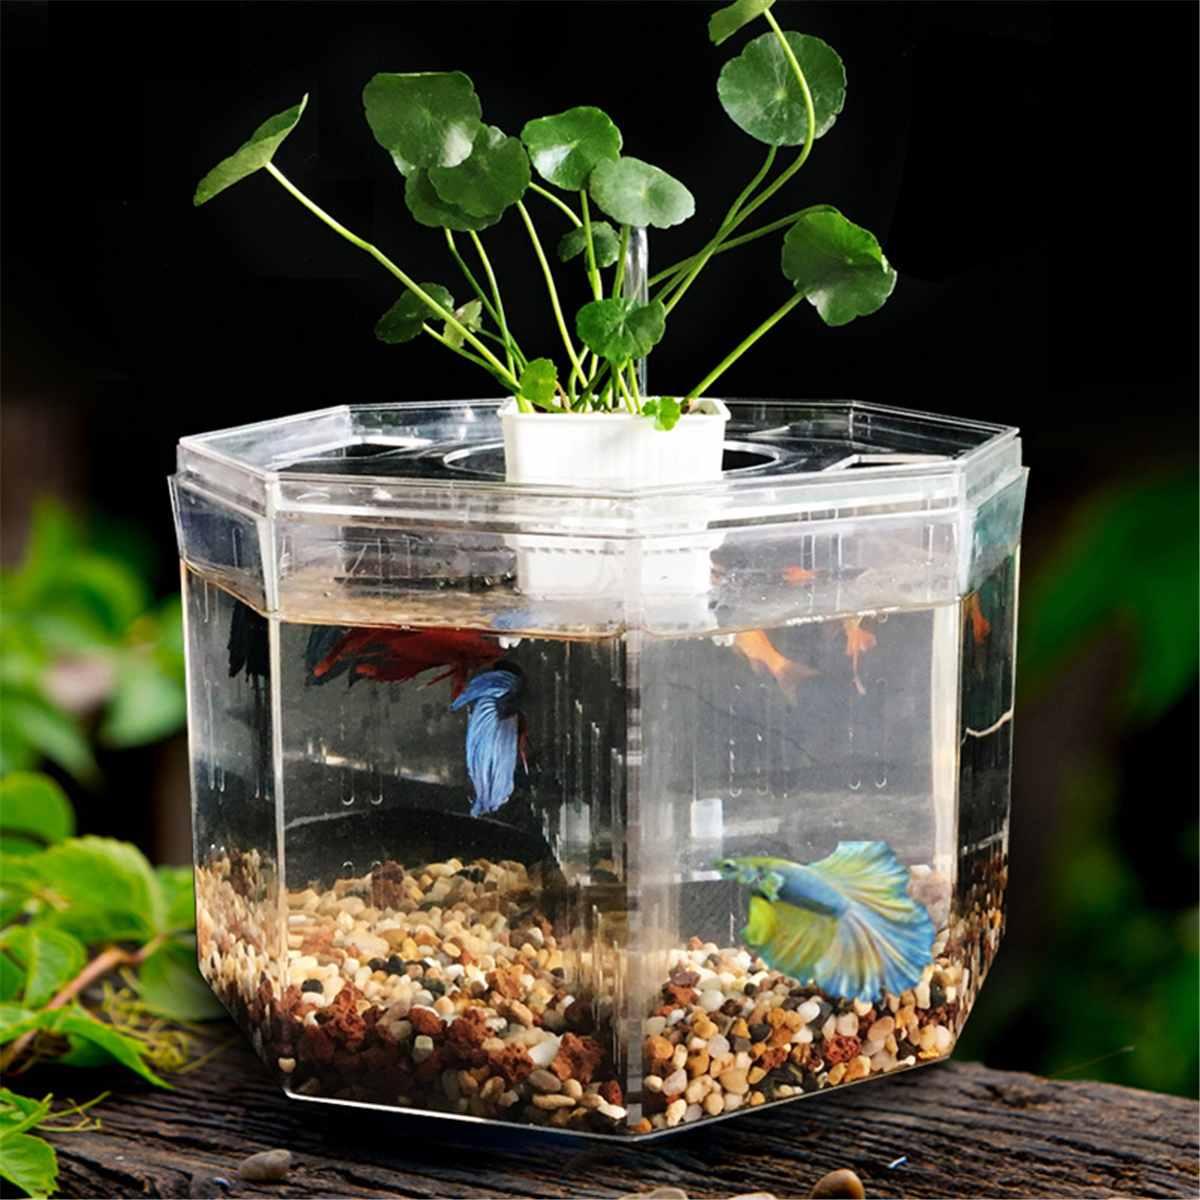 Quatre grille sans changement d'eau Betta aquarium acrylique Mini aquarium panneau d'isolement avec panier de pompe à eau